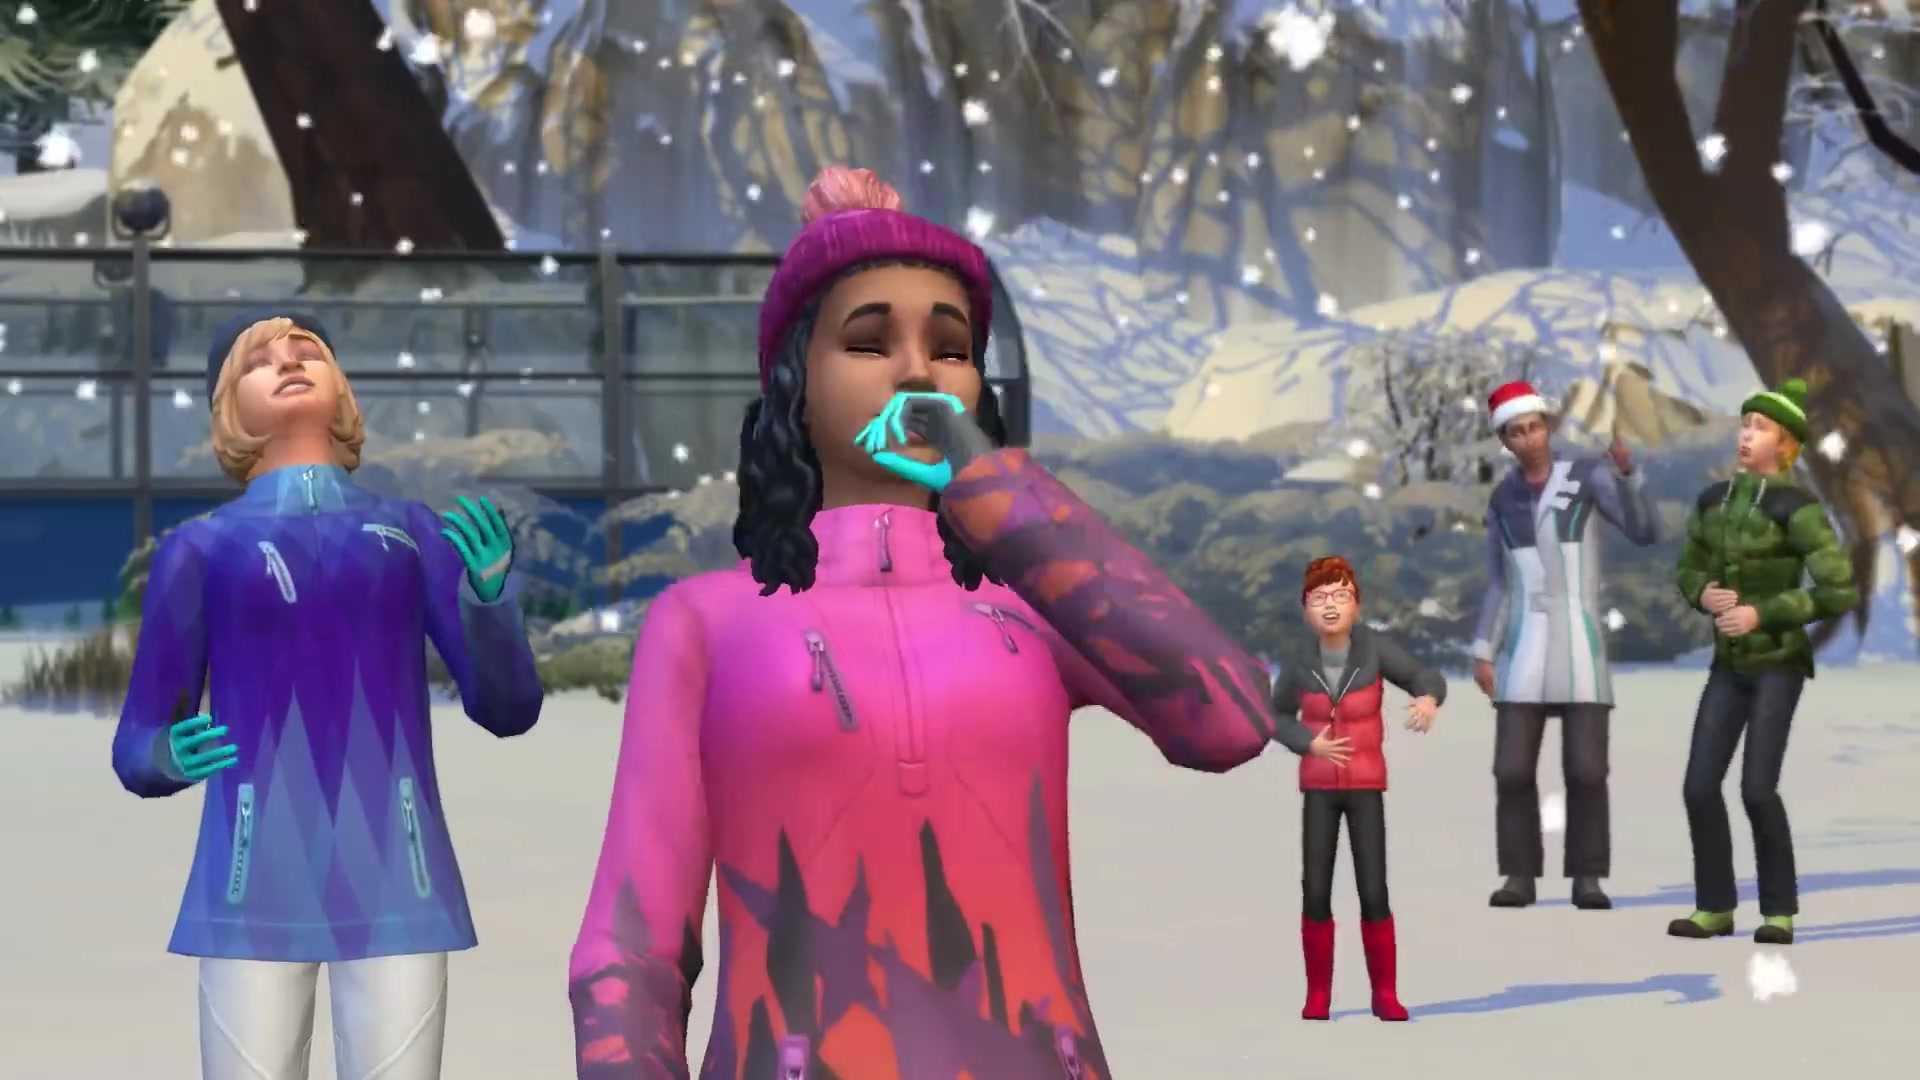 模拟人生游戏集评论 4 丛林冒险